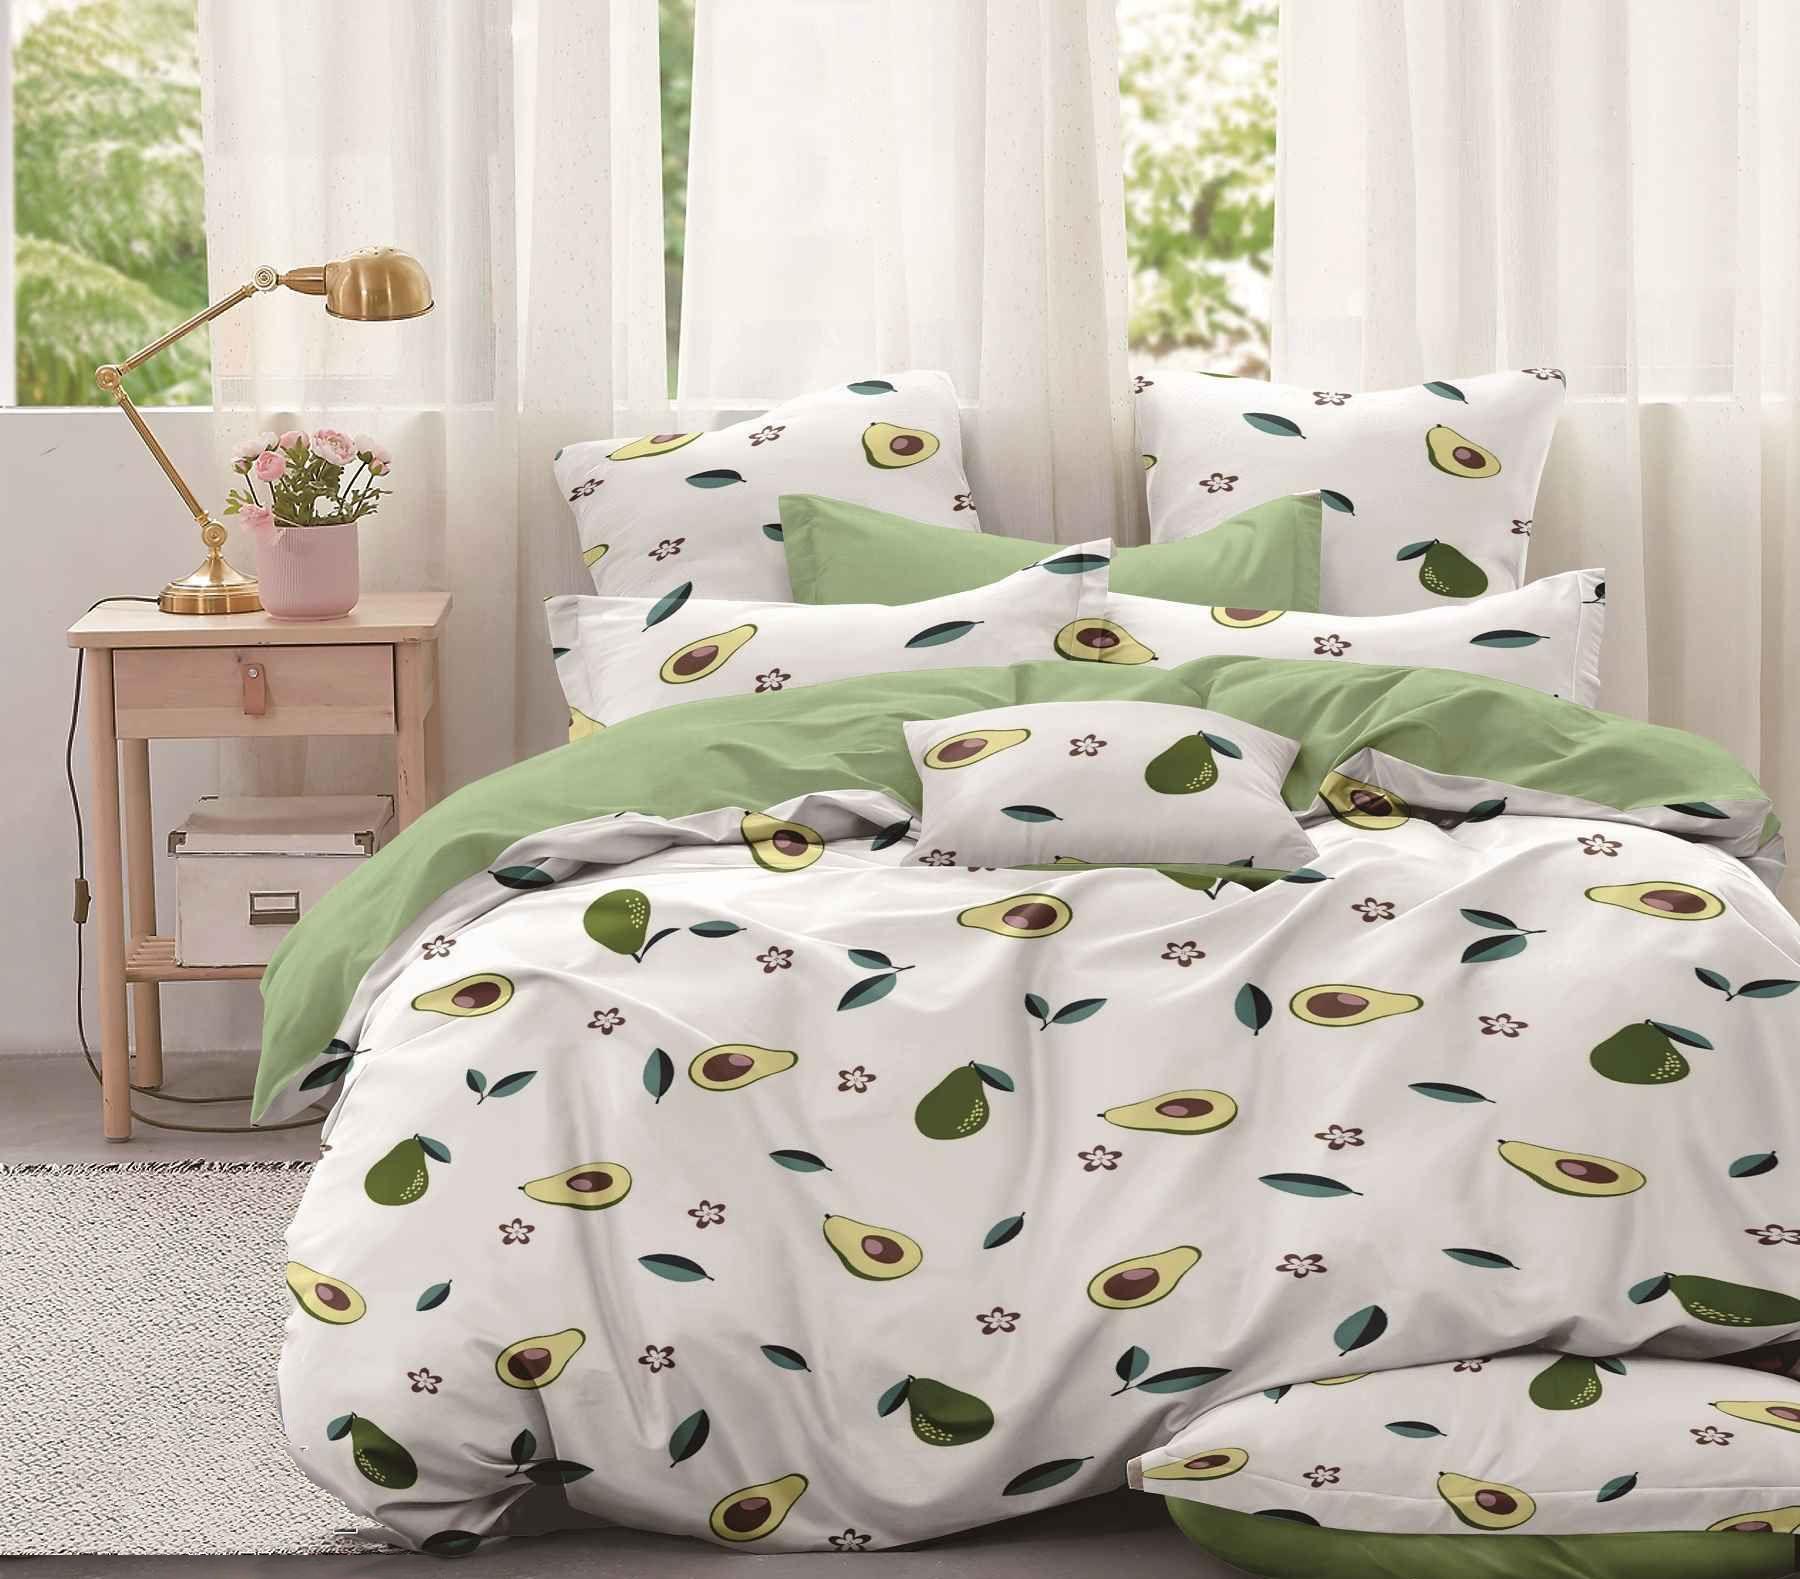 Комплект постельного белья 1,5-спальный, поплин (Авокадо, белый)